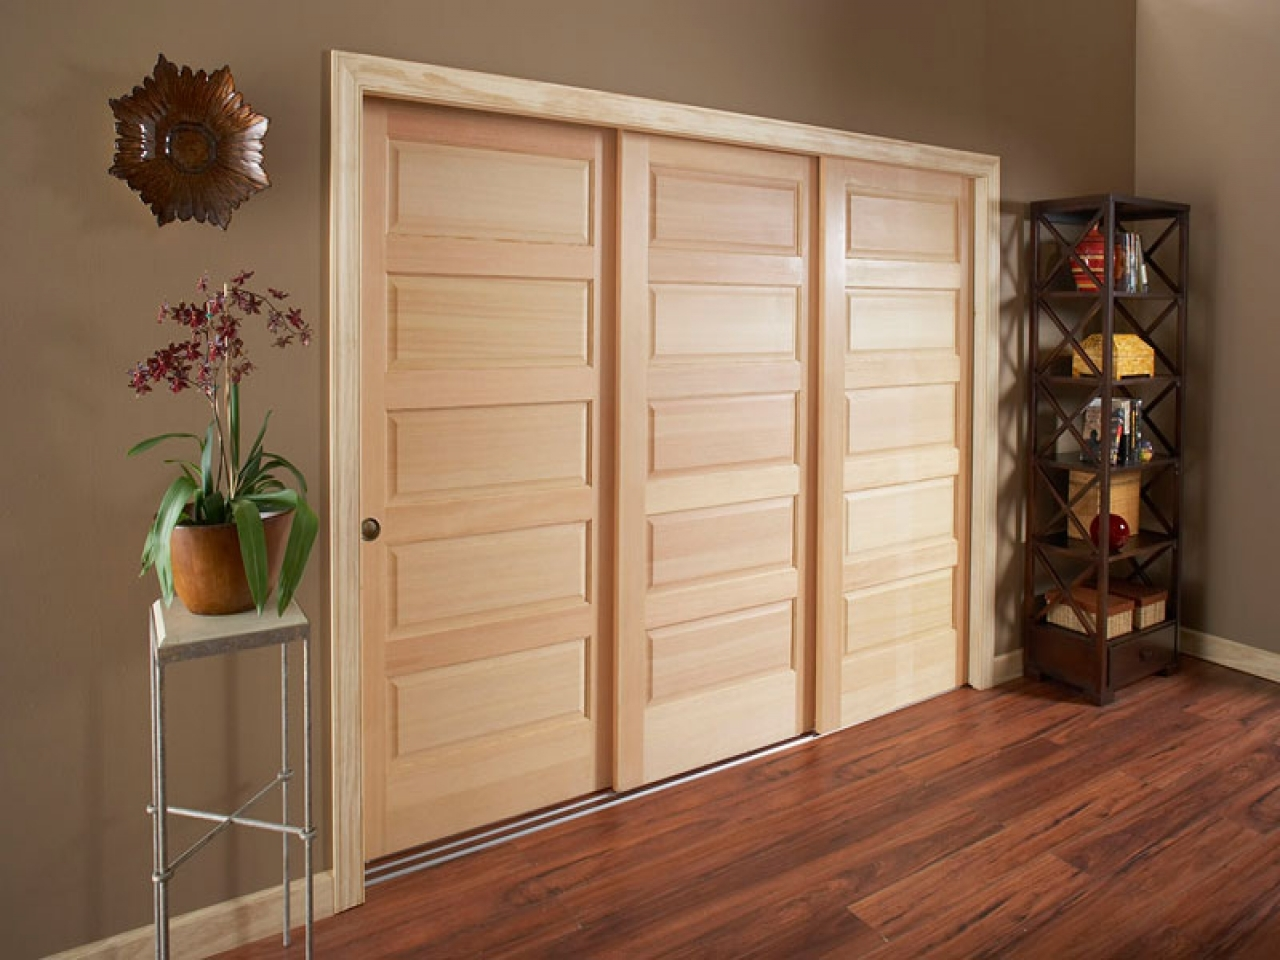 Triple Byp Sliding Closet Doorswooden P Door Hardware Cabinet Room